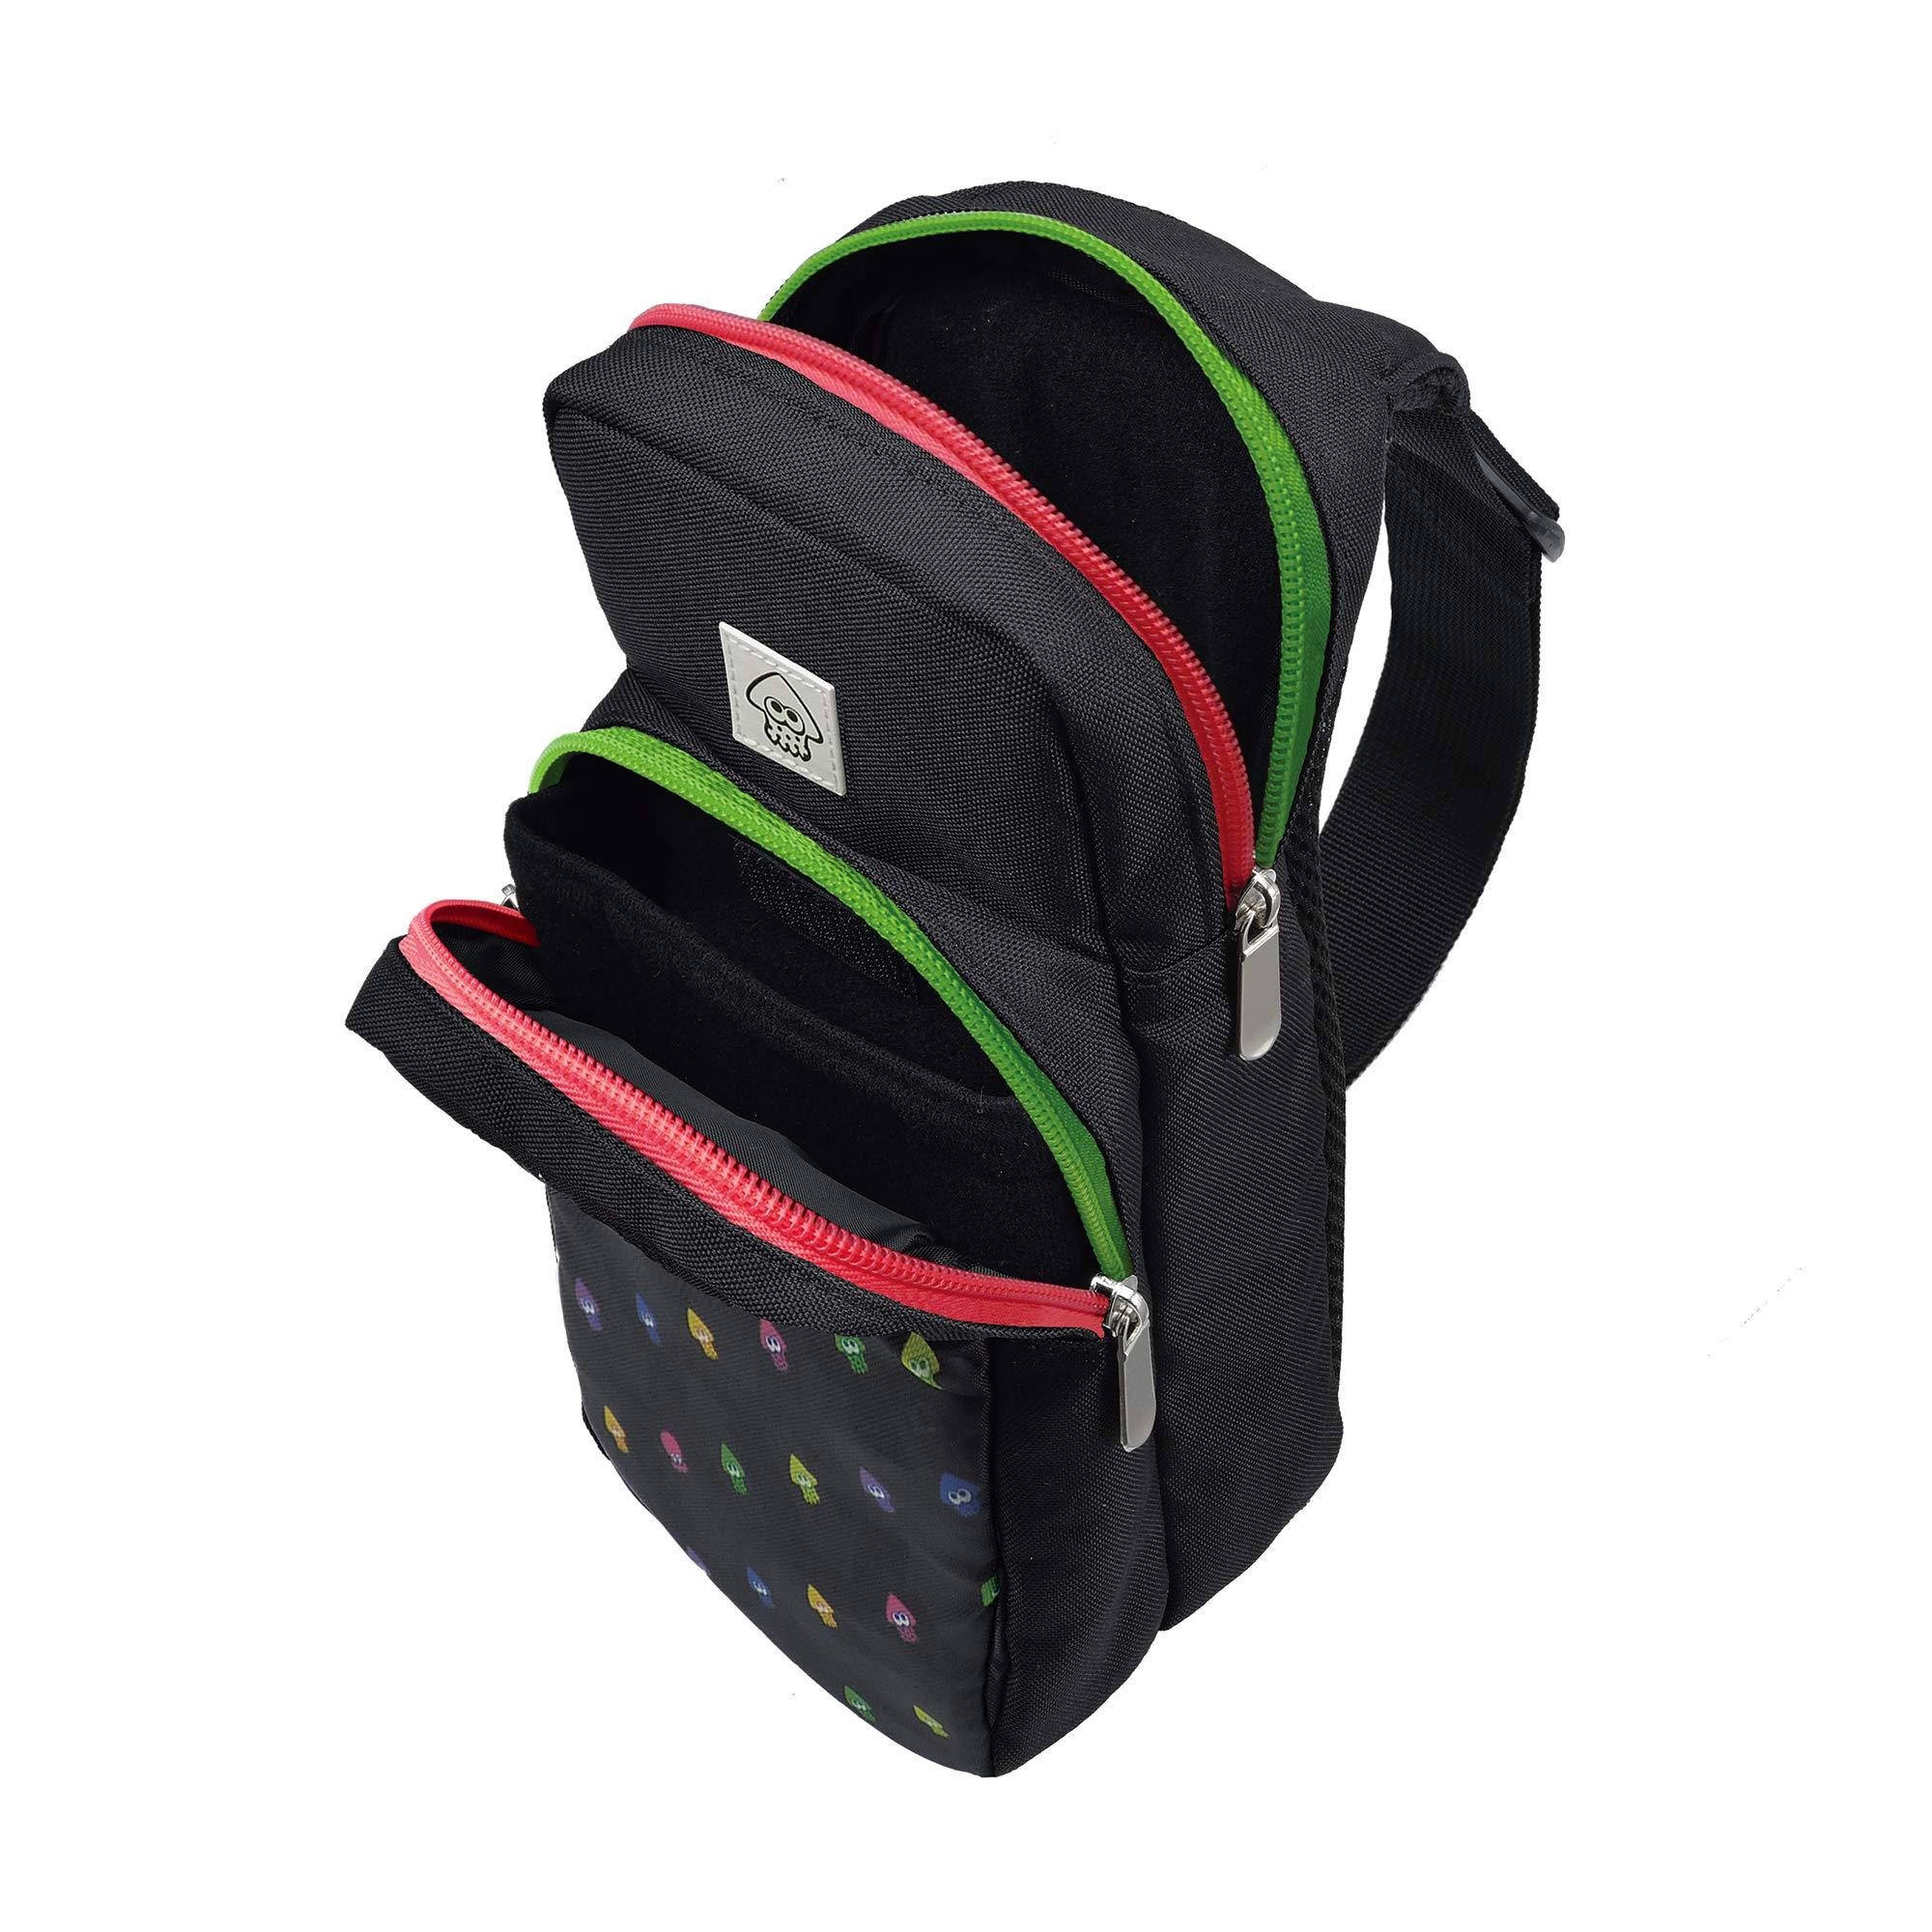 Hori Nintendo Licensed Product Splatoon 2 Backpack Shoulder Pouch Bandolera Bolso Bolsa de Hombro For Nintendo Switch: Amazon.es: Juguetes y juegos